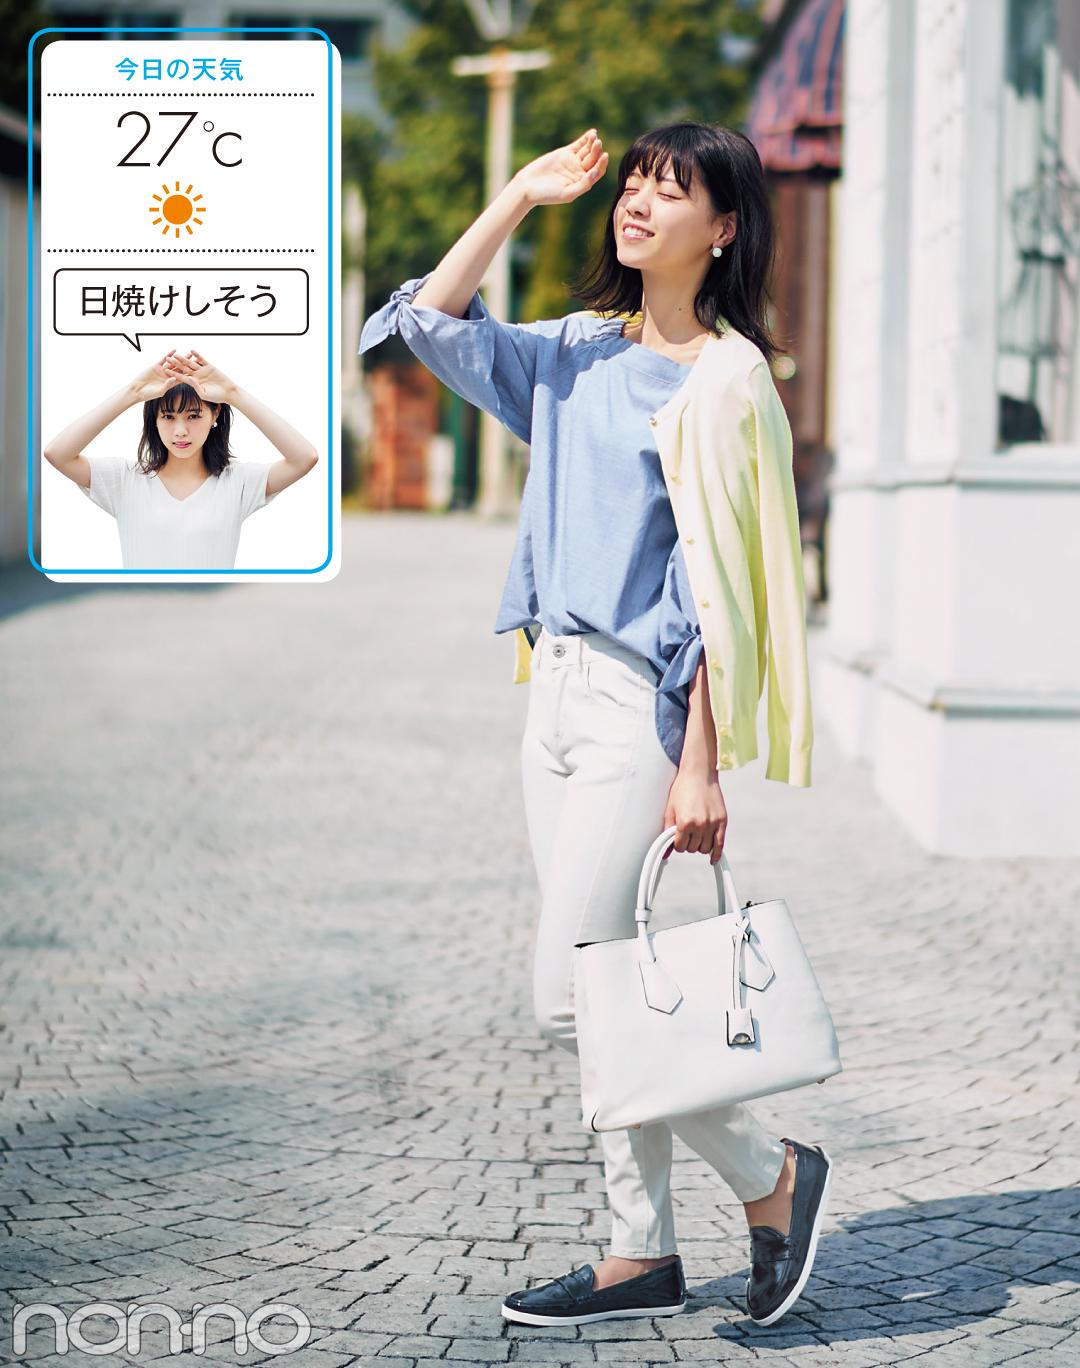 七瀬のお天気対応着回し②ちょっと暑い日&日焼けしそうな日のコーデ☆_1_3